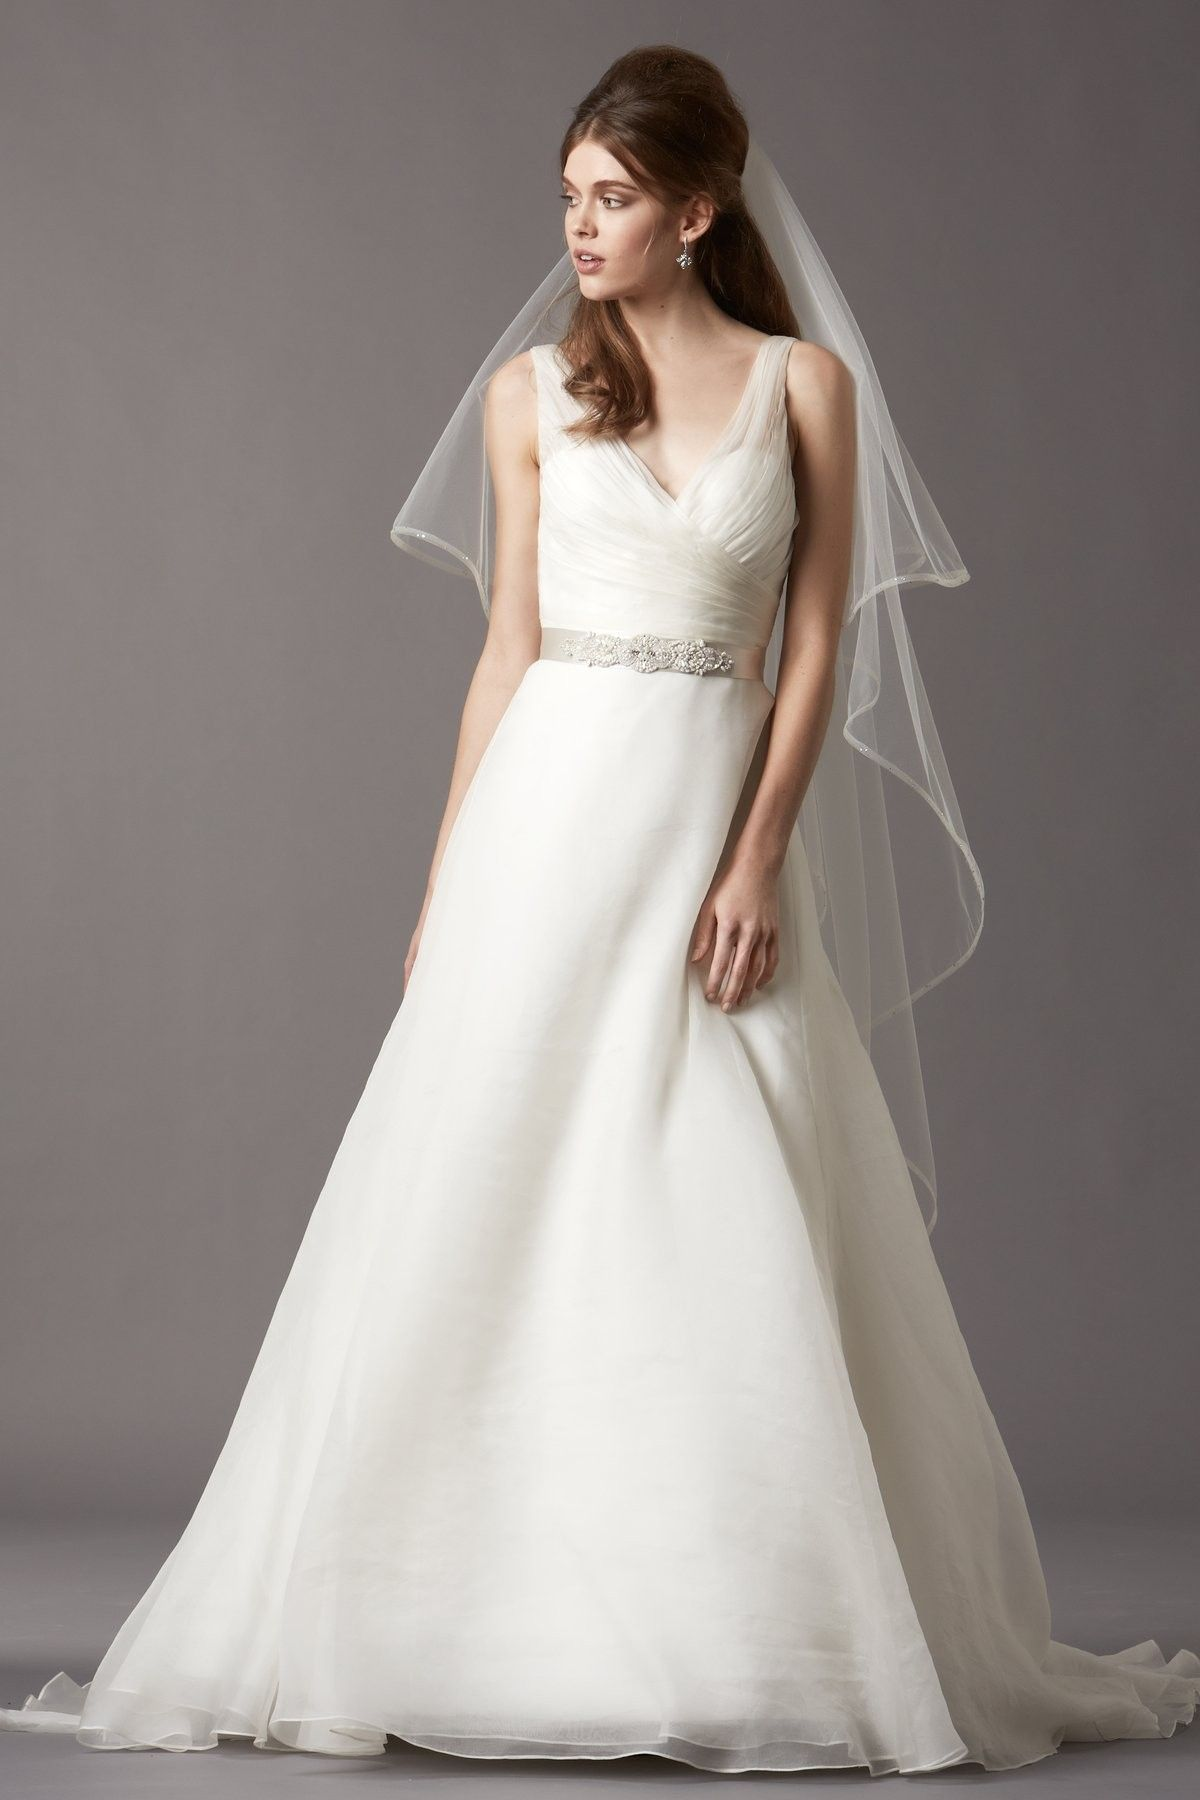 Watters Wedding Dresses - Style Honor 4023B [Honor] - | Whaaaat ...